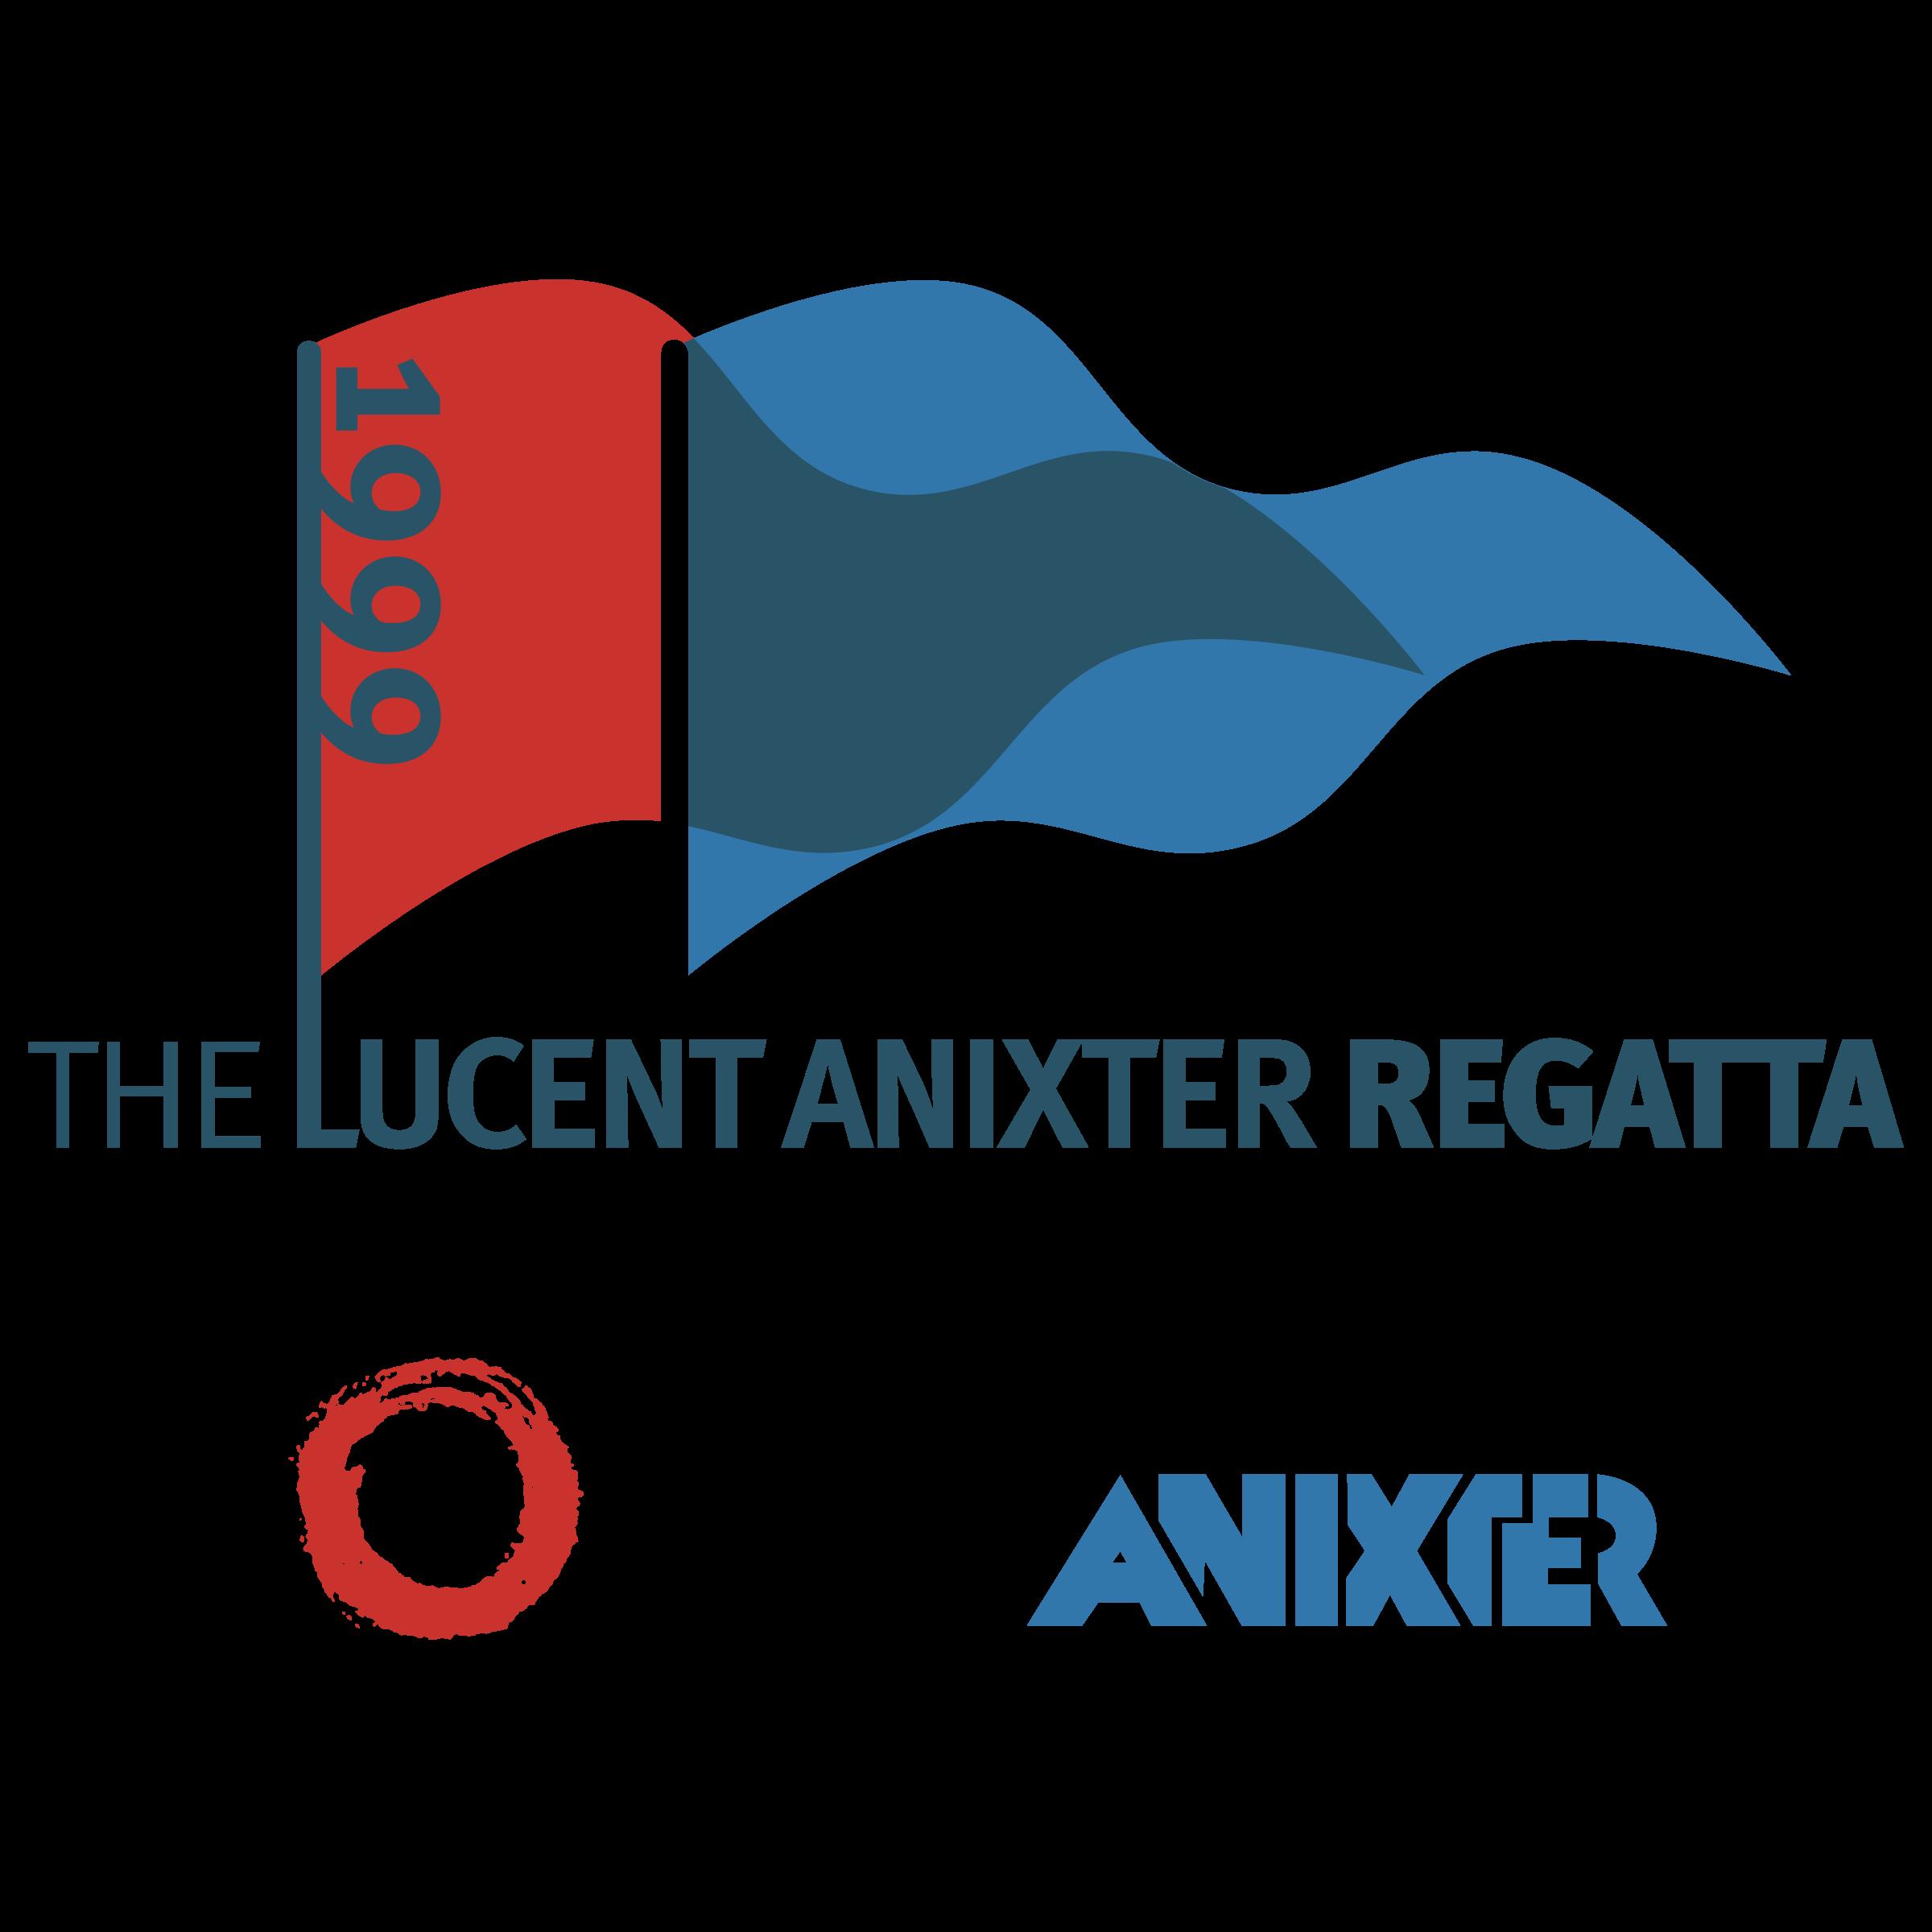 The Lucent Anixter Regata Logo PNG Transparent